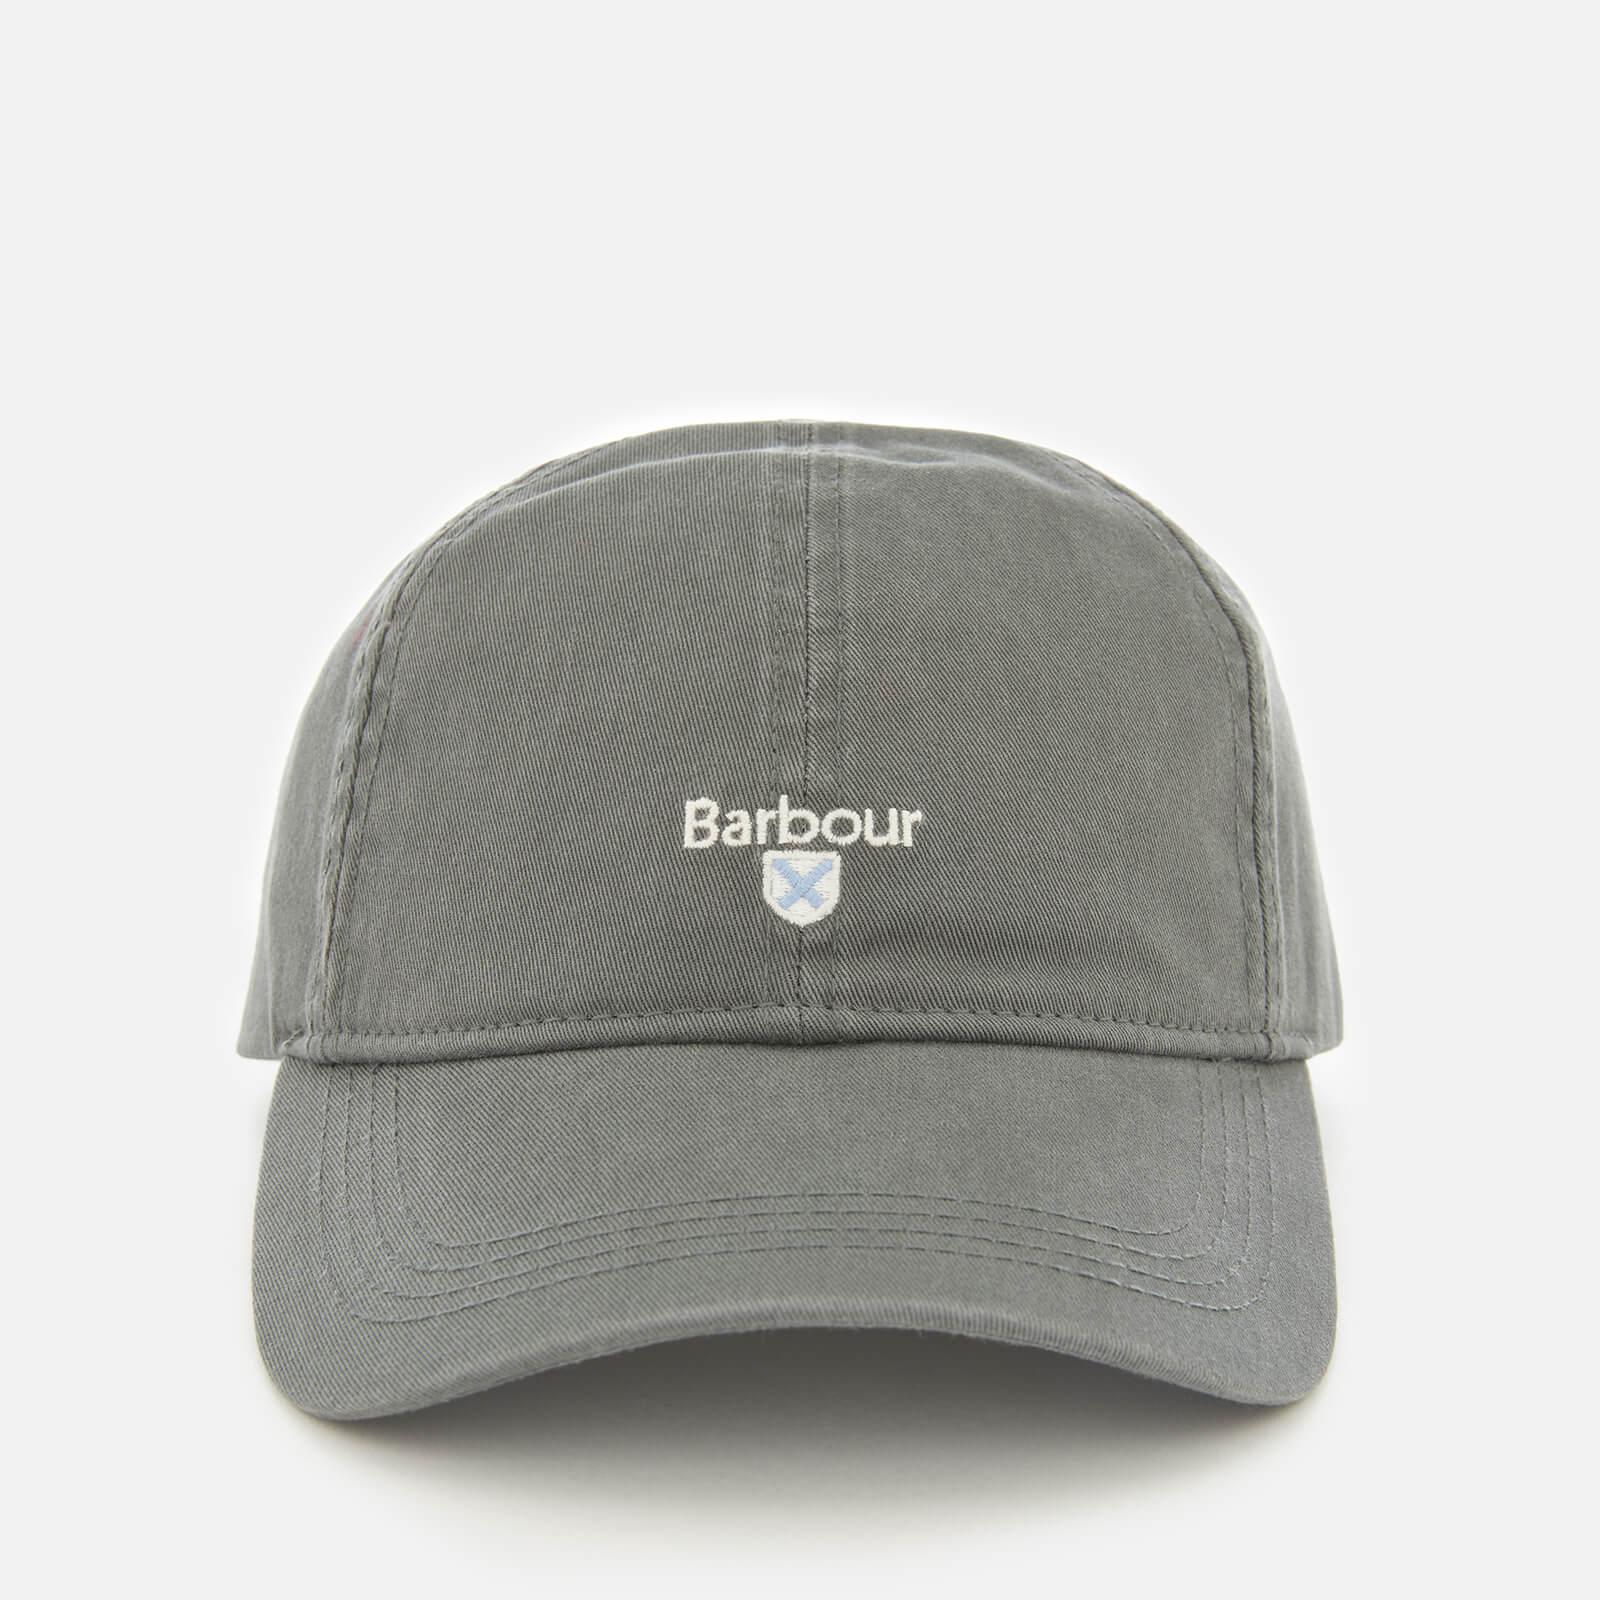 2ef8e3cb27d66 Barbour Men's Cascade Sports Cap - Charcoal Grey Mens Accessories    TheHut.com